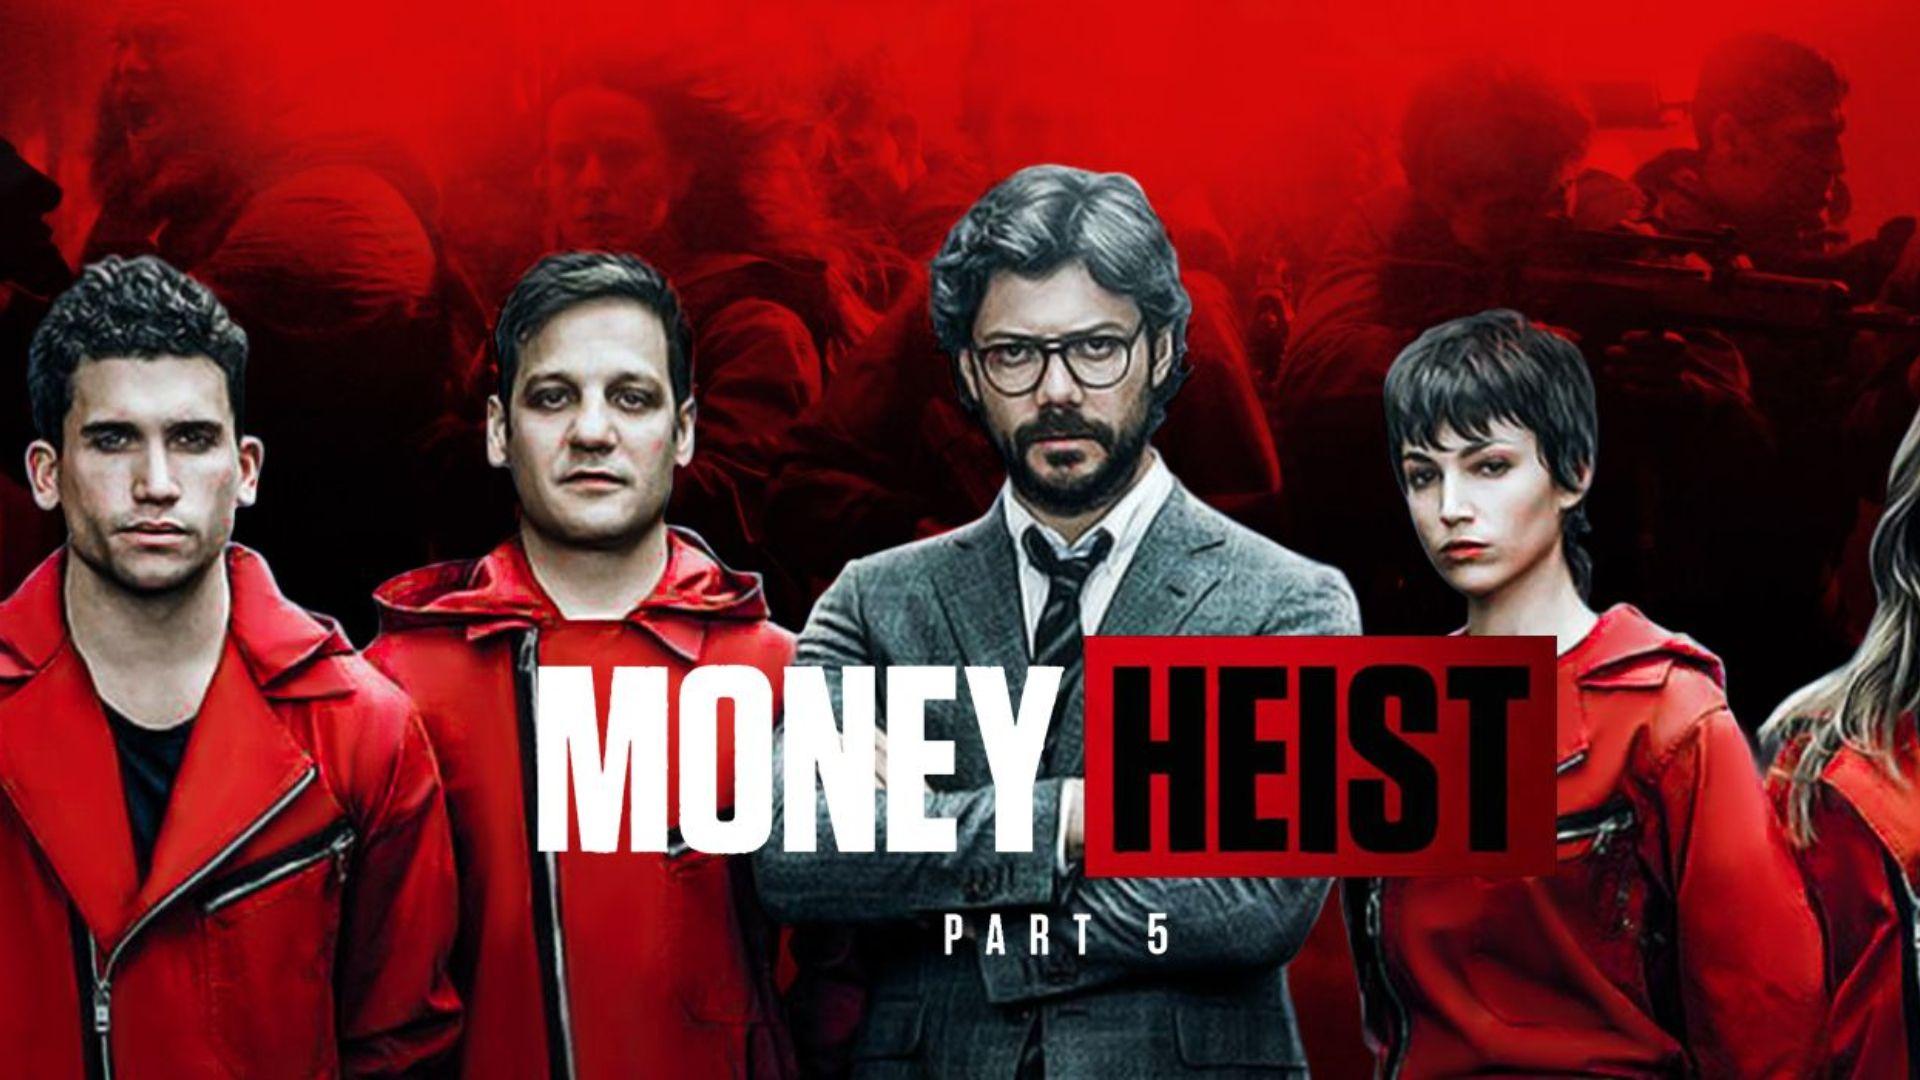 Money Heist Season 5 Wallpapers   Top 30 Money Heist Part 5 1920x1080